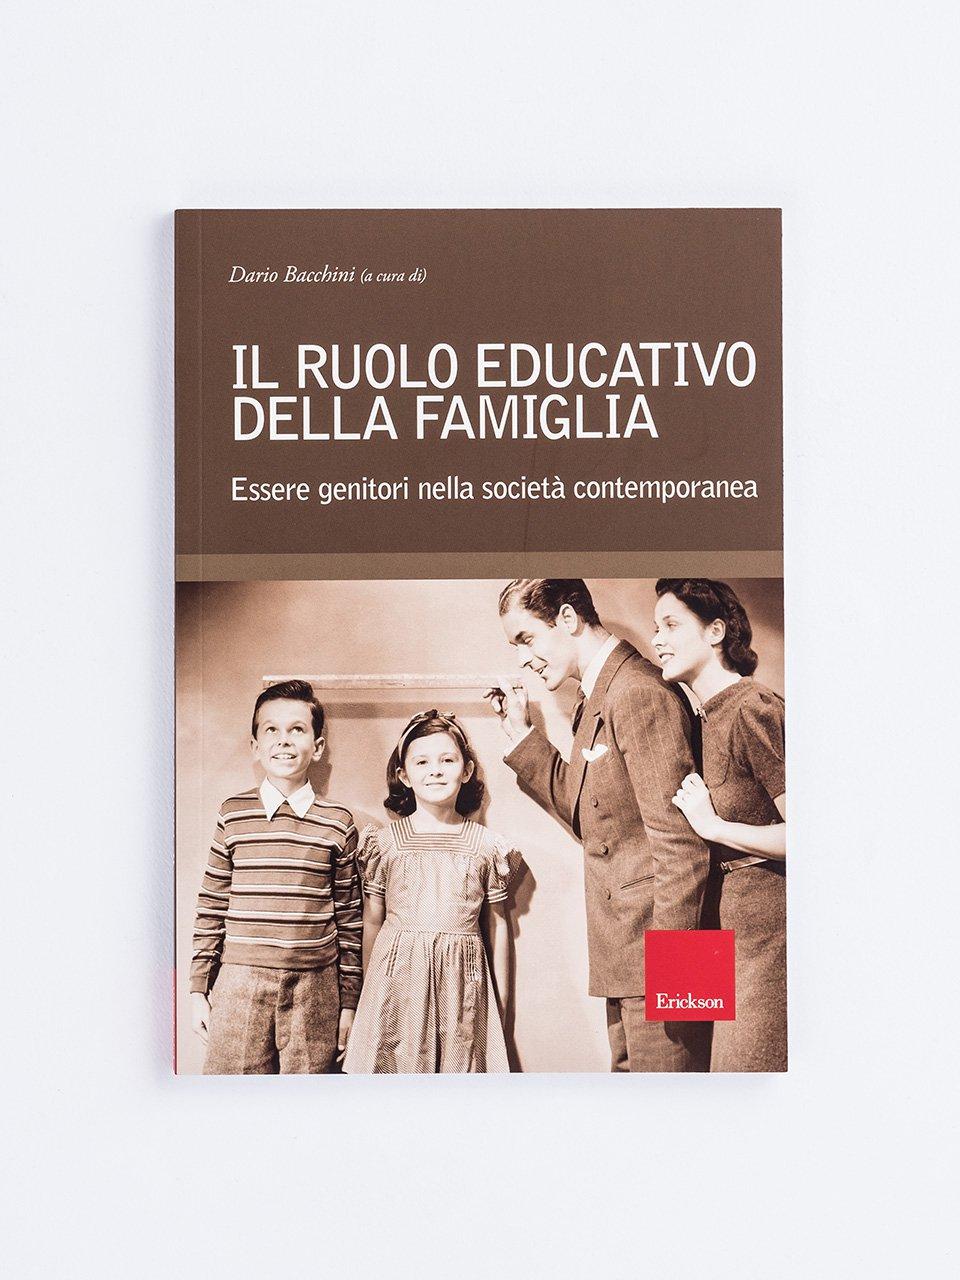 Il ruolo educativo della famiglia - La vecchiaia tra venerazione e discredito - Libri - Erickson